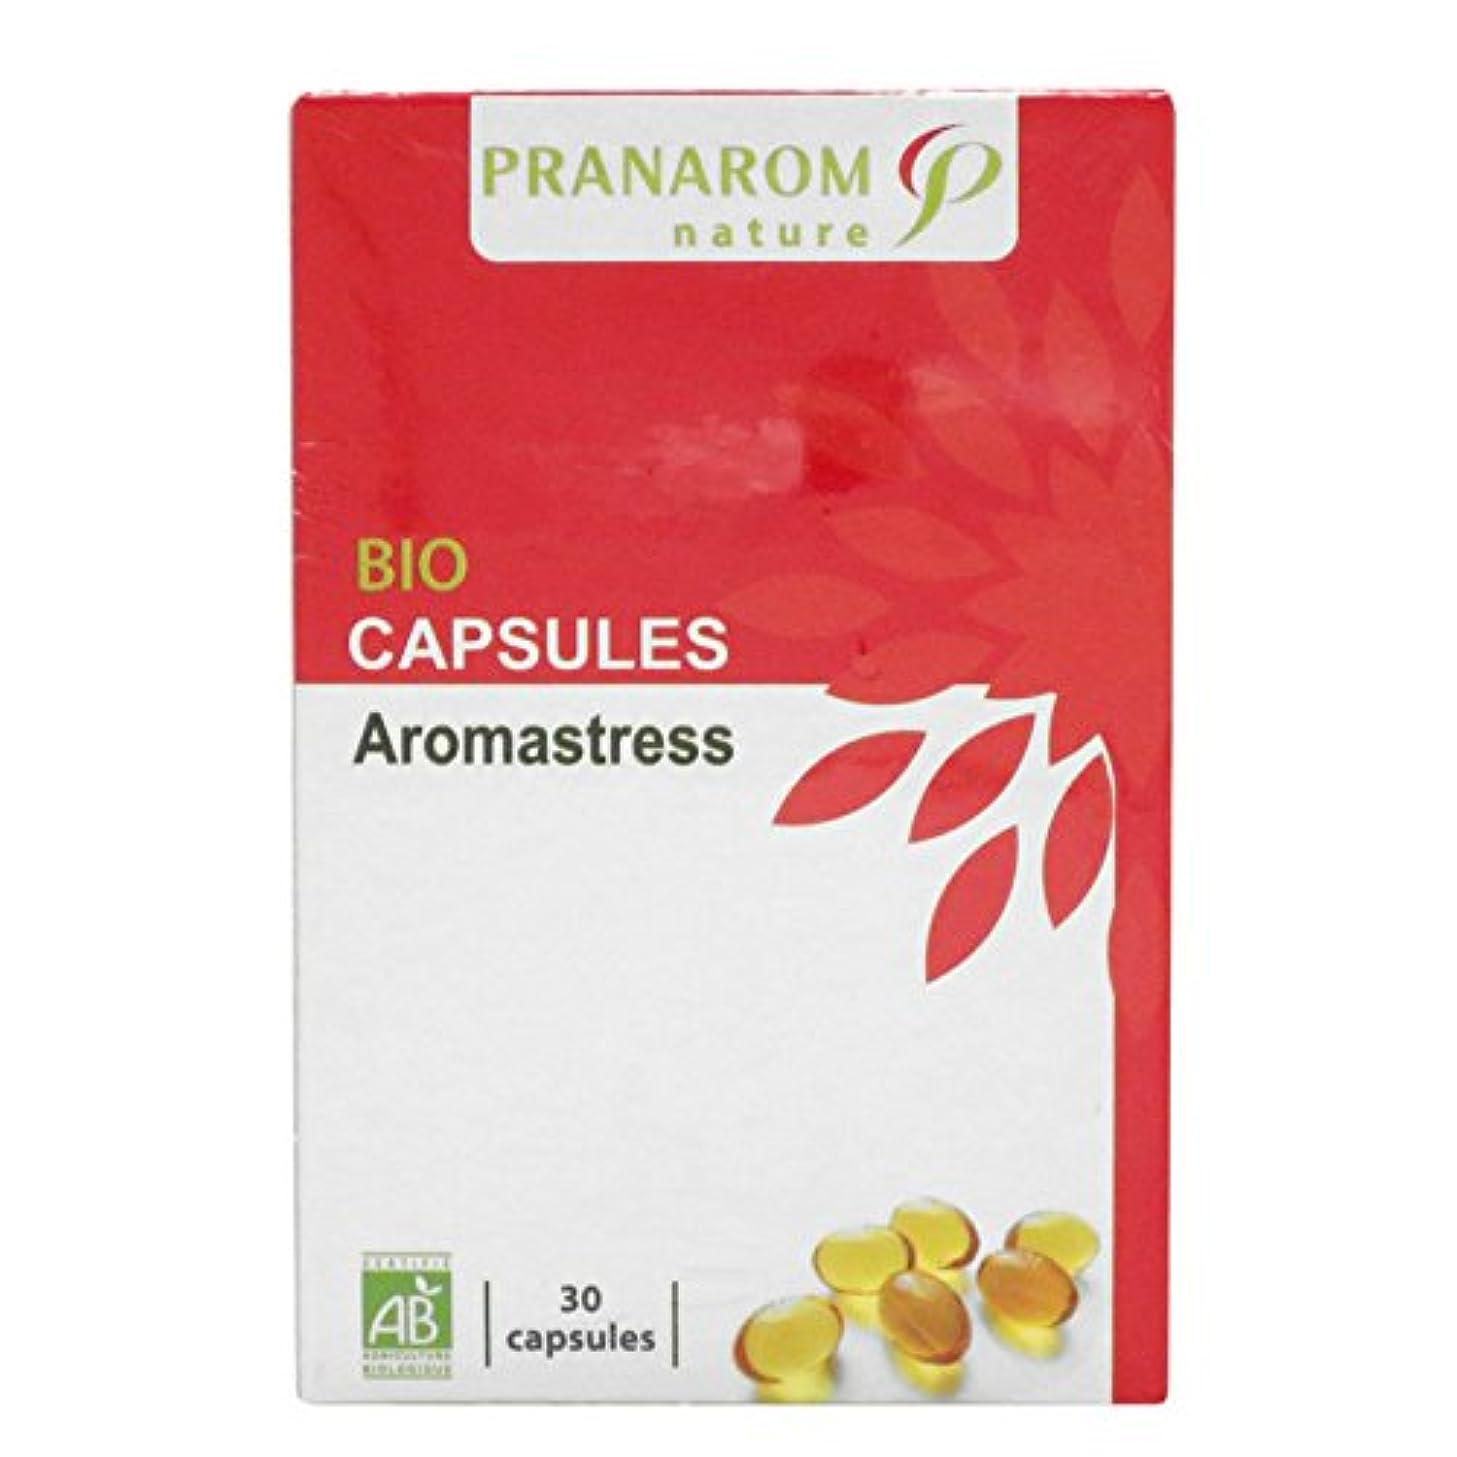 必要ない樹木肩をすくめるプラナロム アロマストレスカプセル 30粒 (PRANAROM サプリメント)